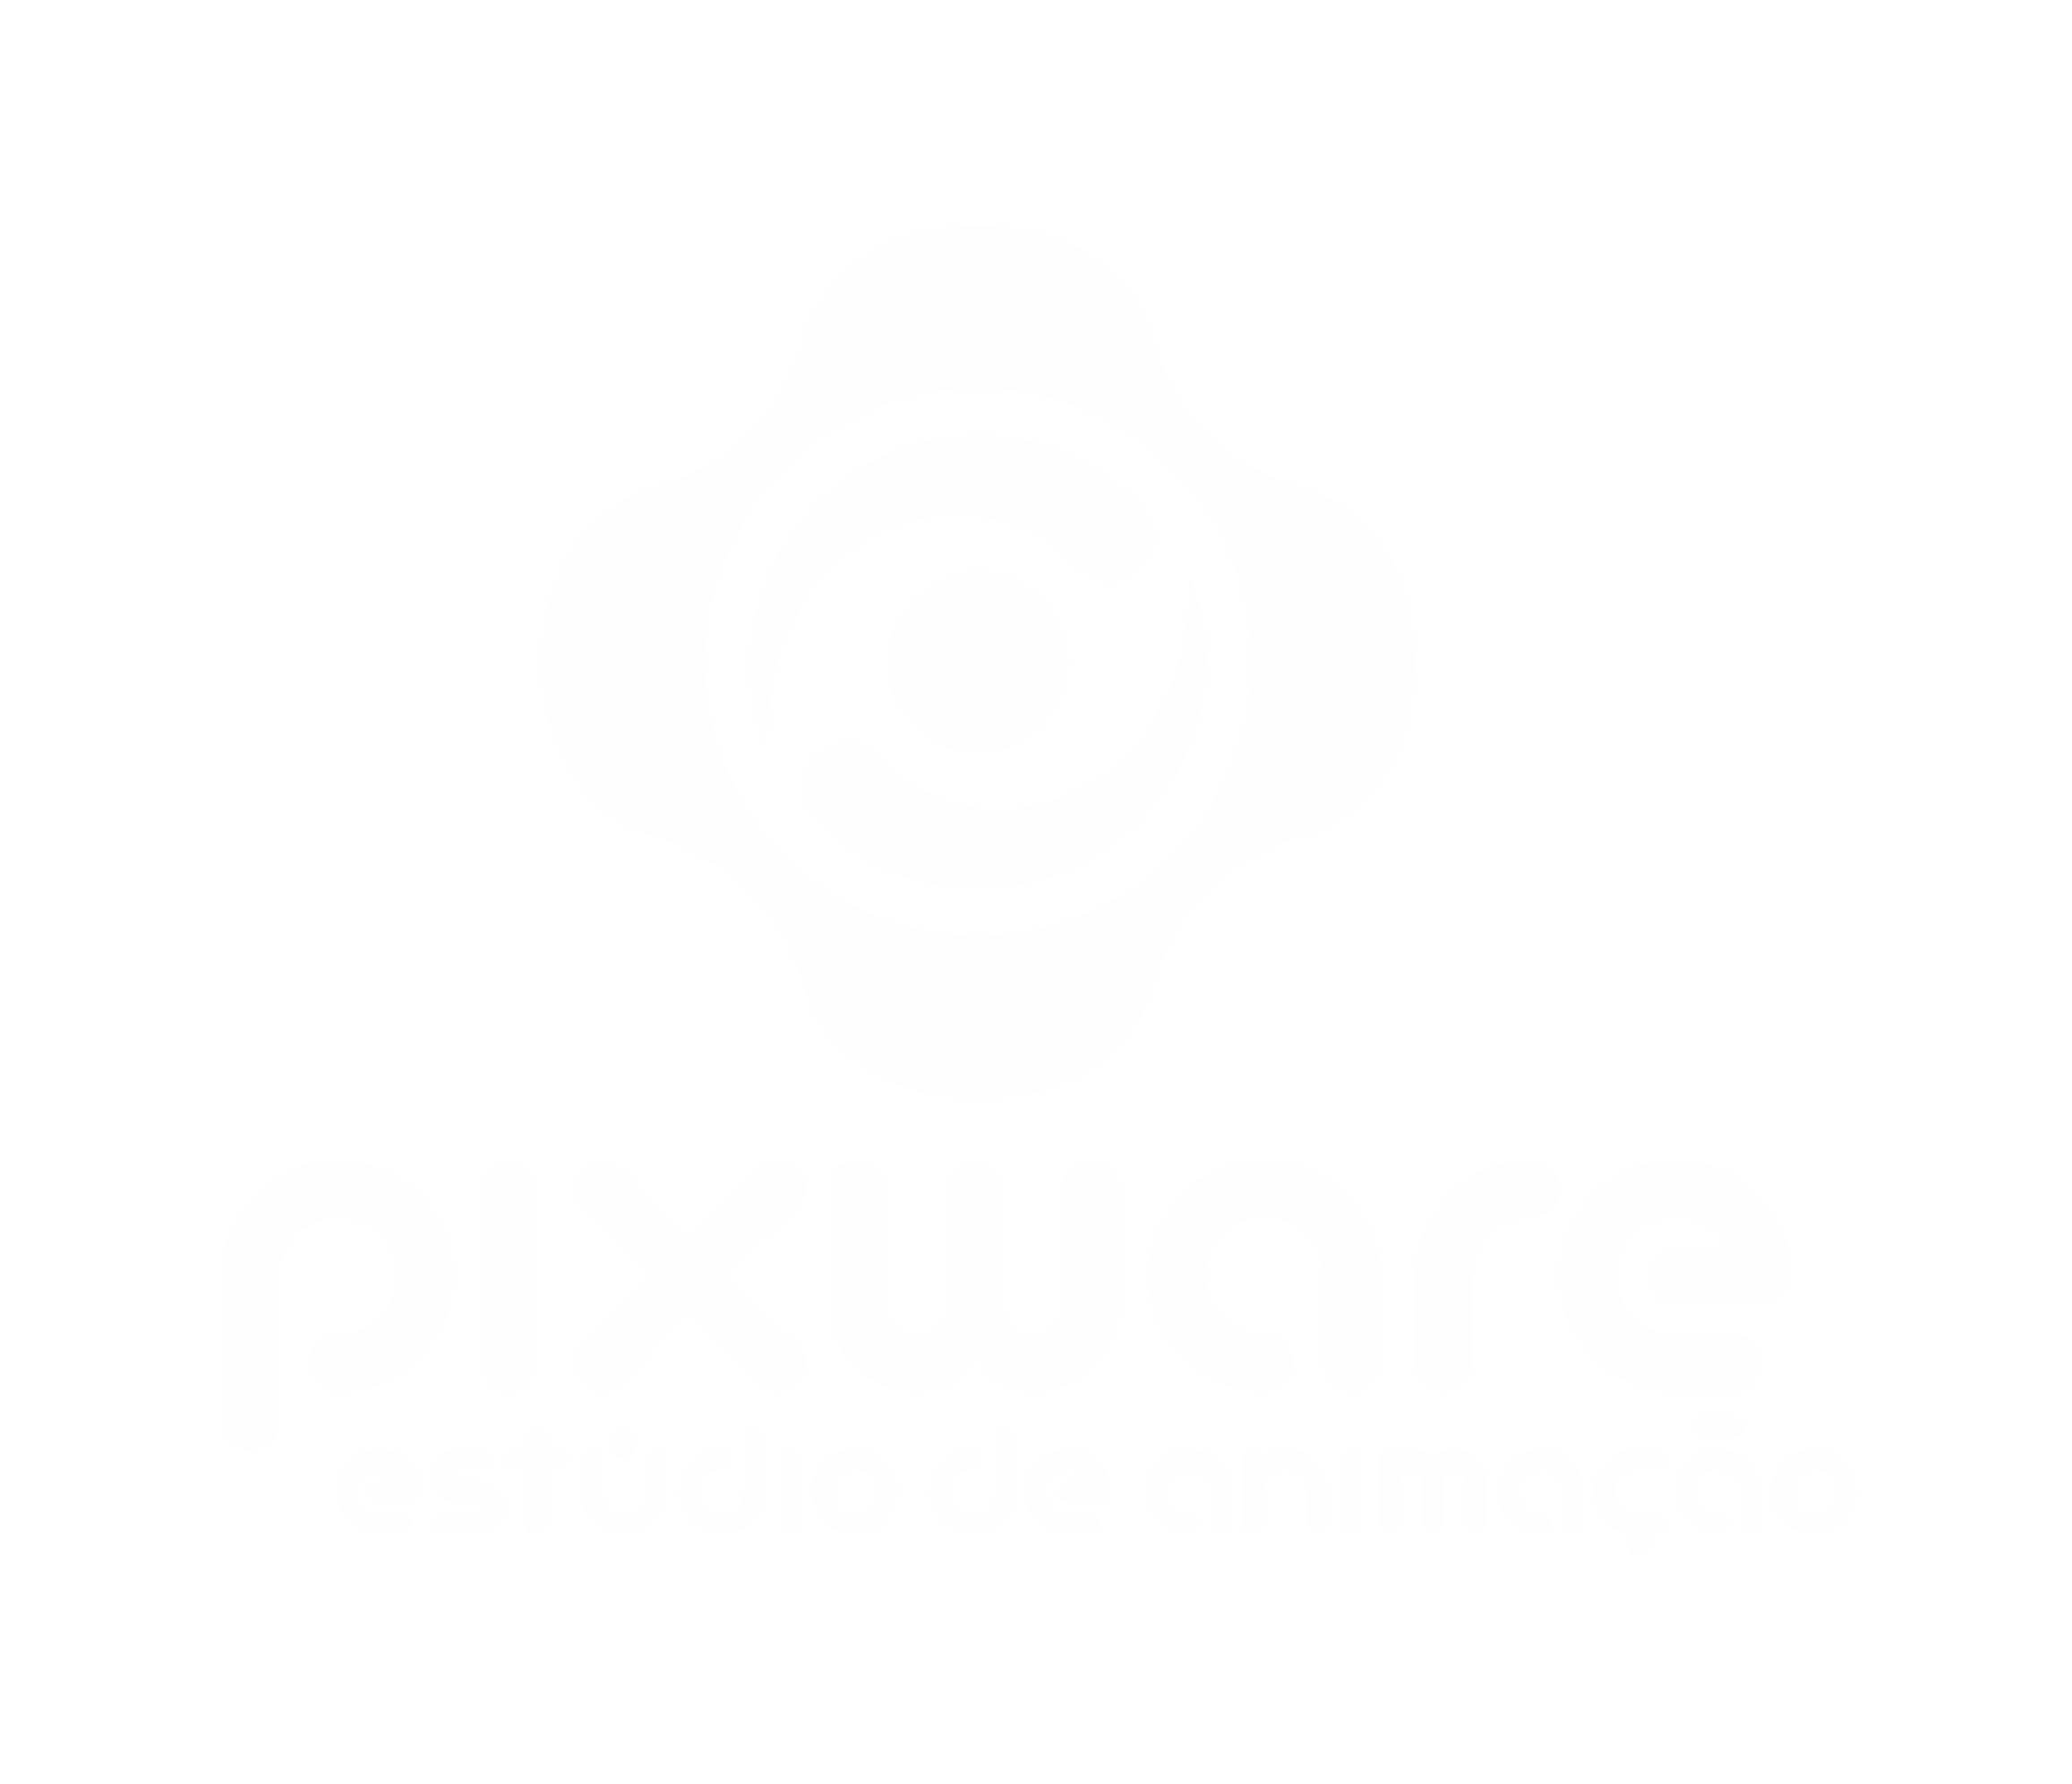 Pixware_white